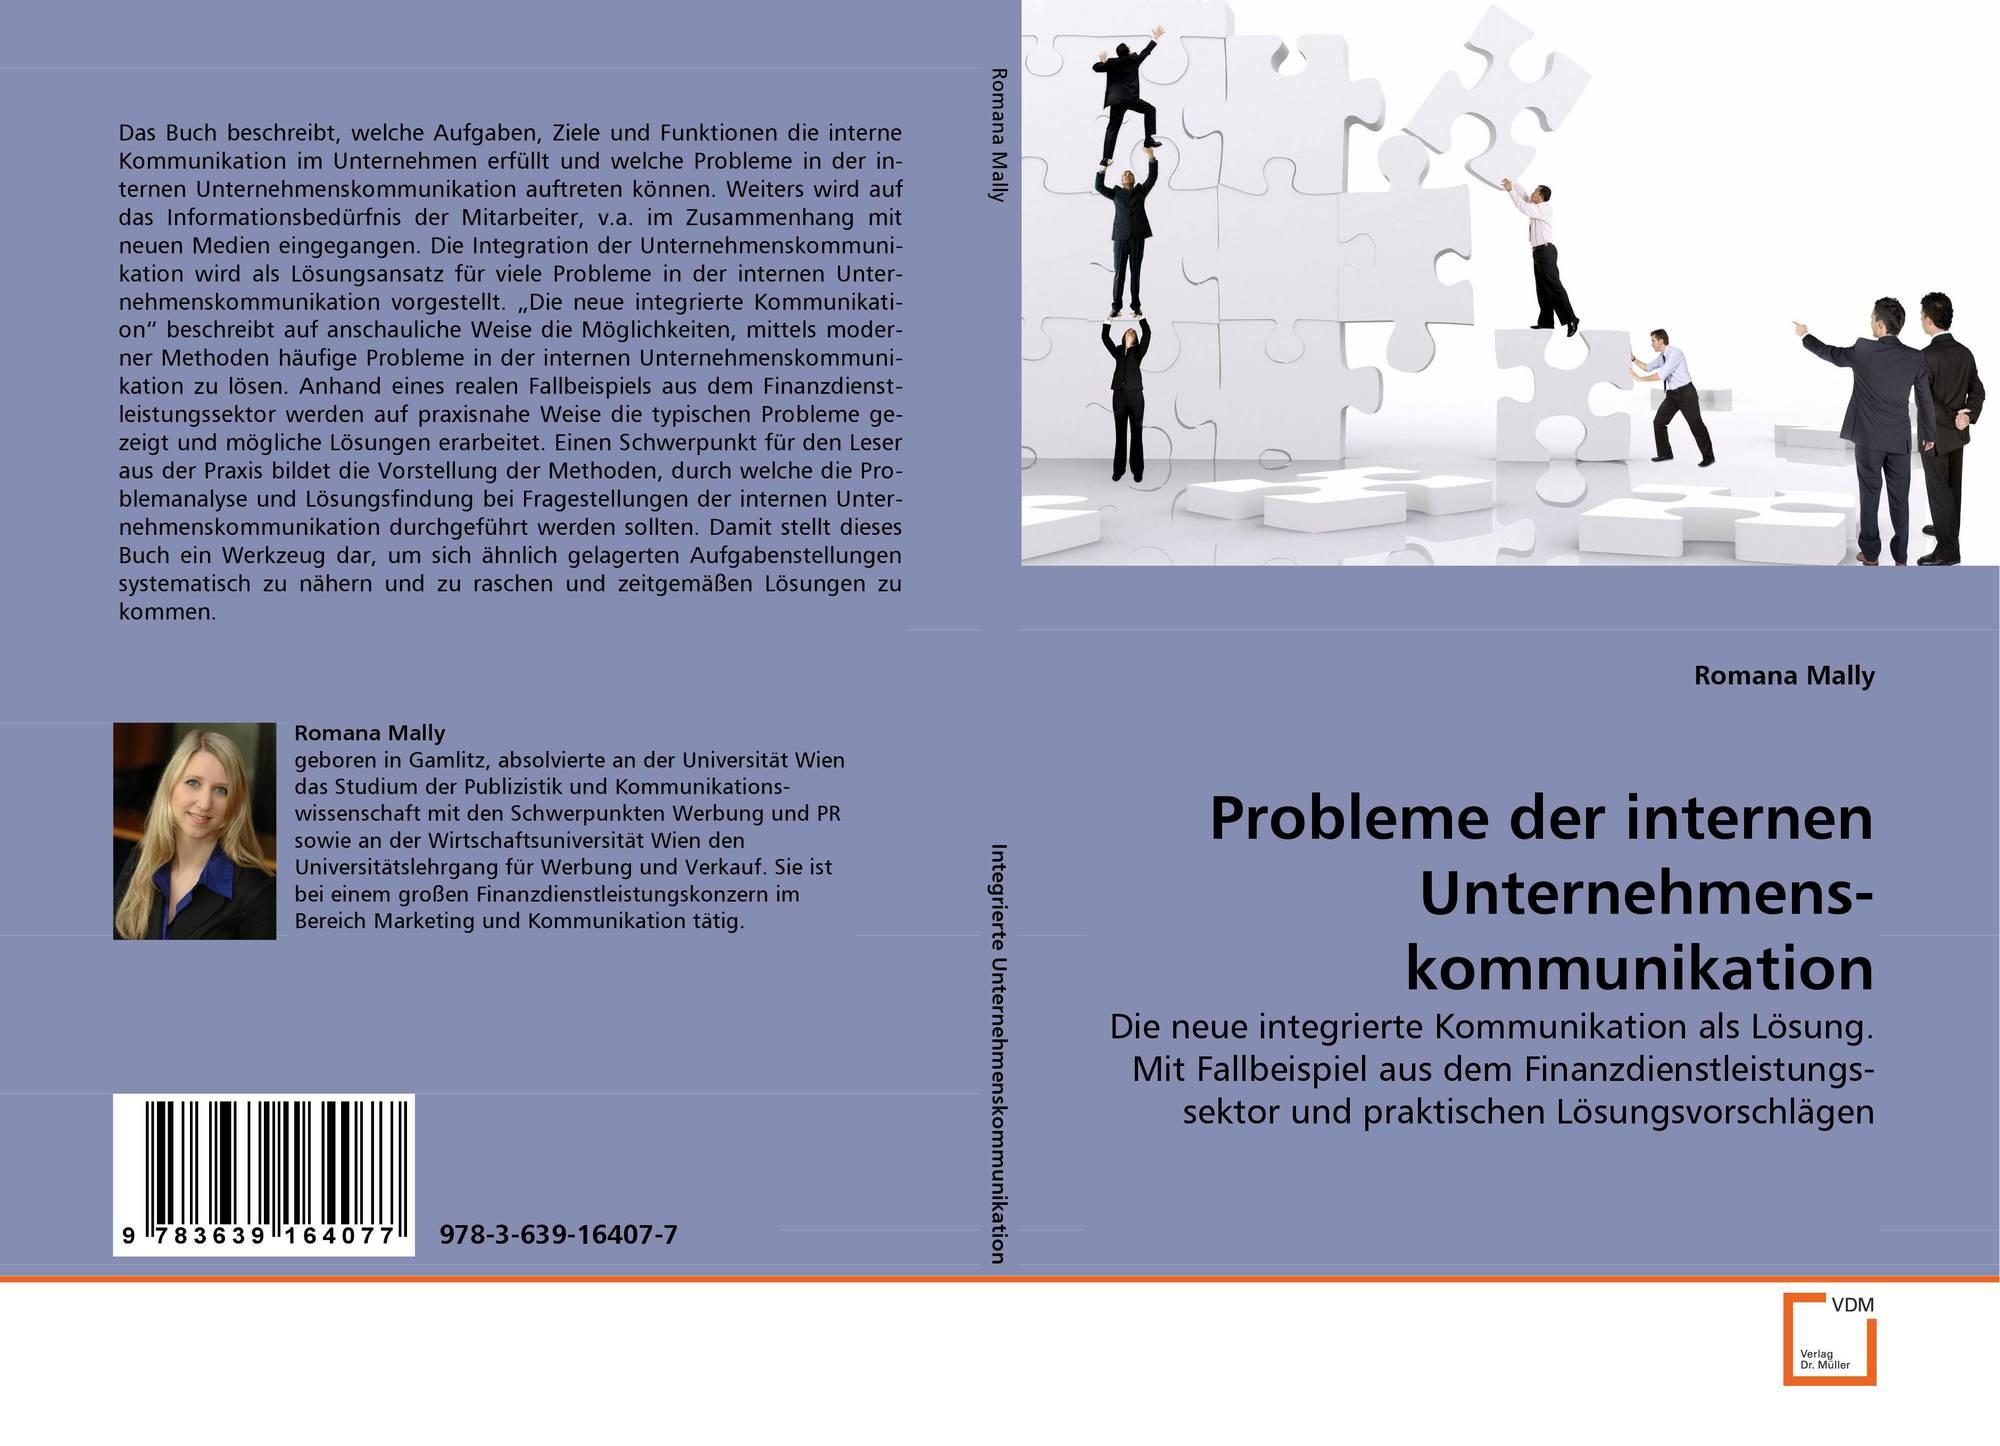 download pleadings minutes of public sittings and documents mamoires procas verbaux des audiences publiques et